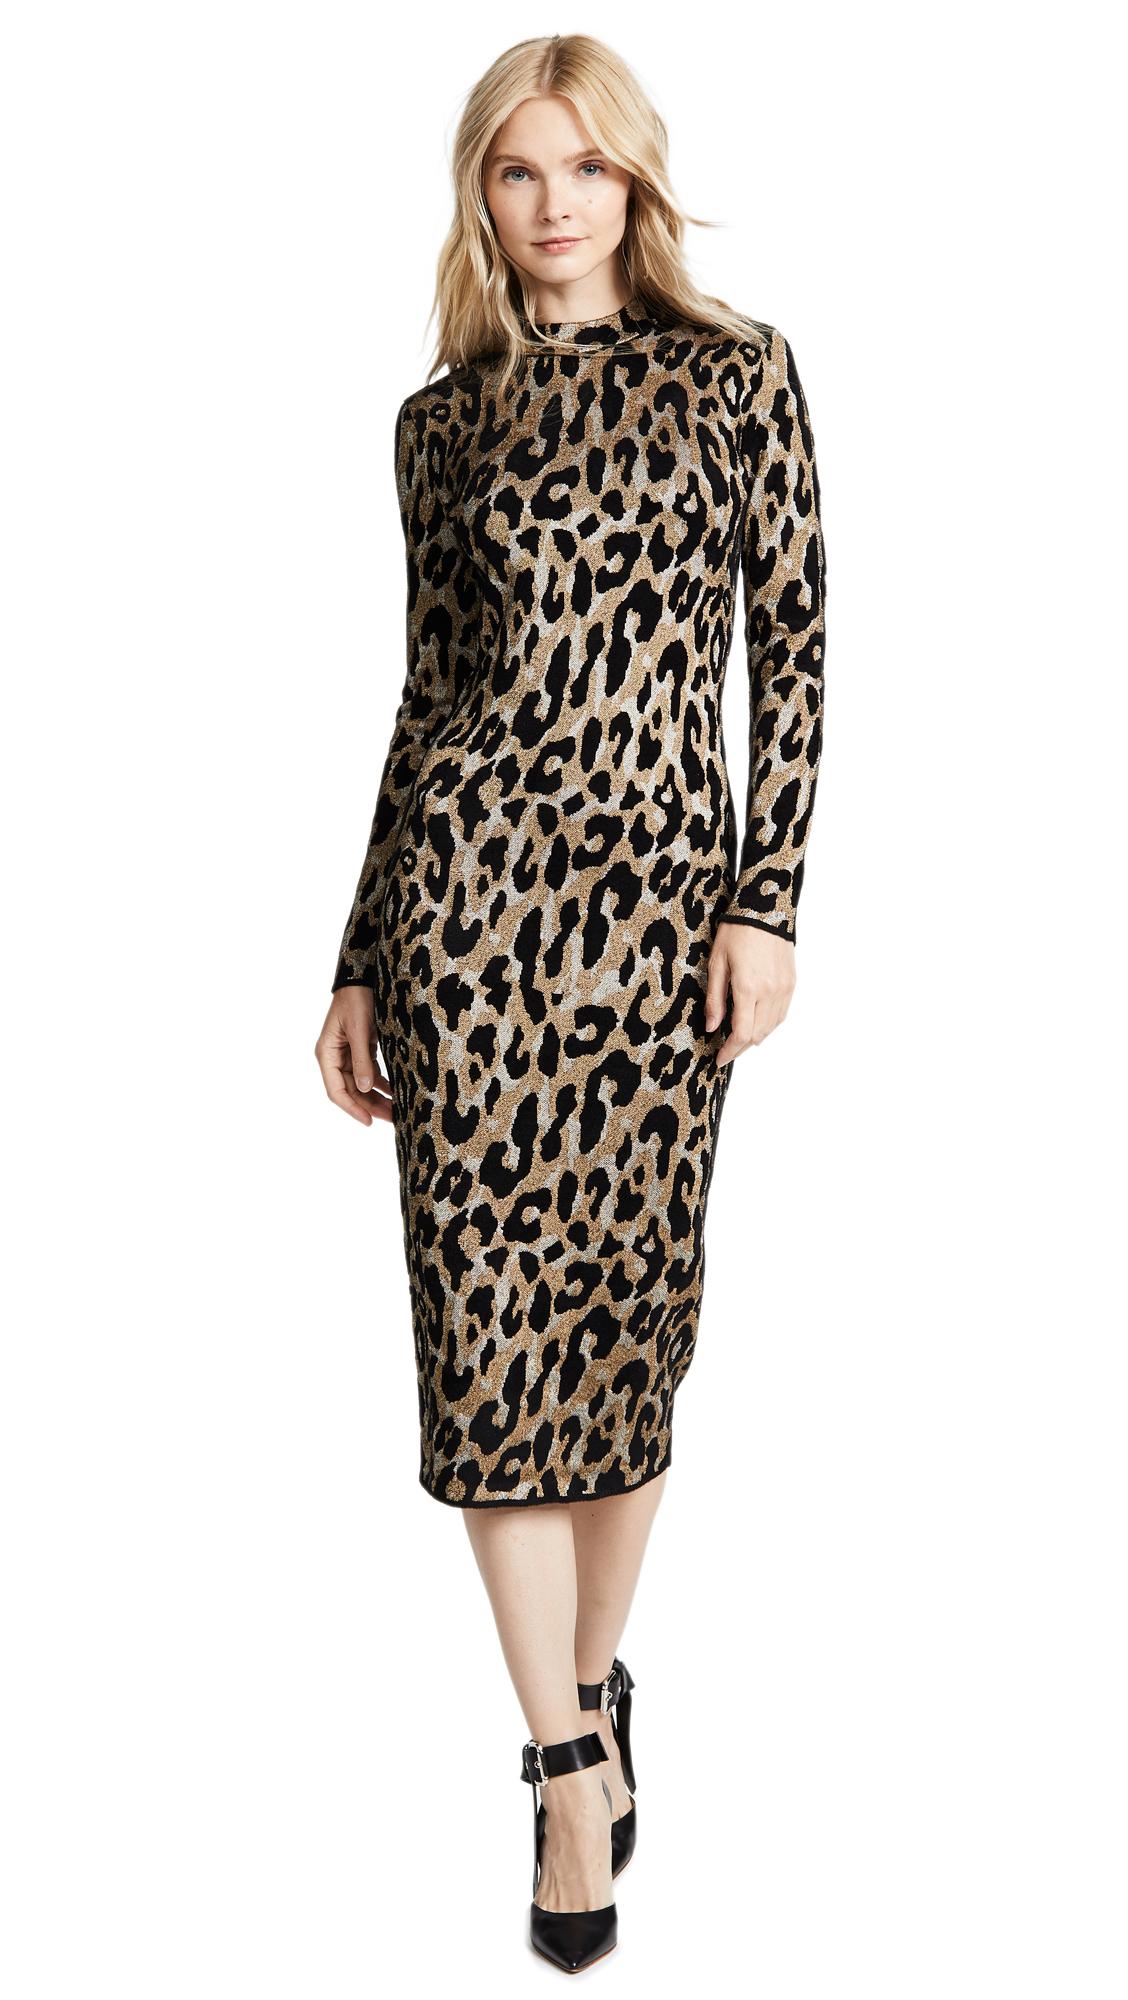 Versace Leopard Print Dress